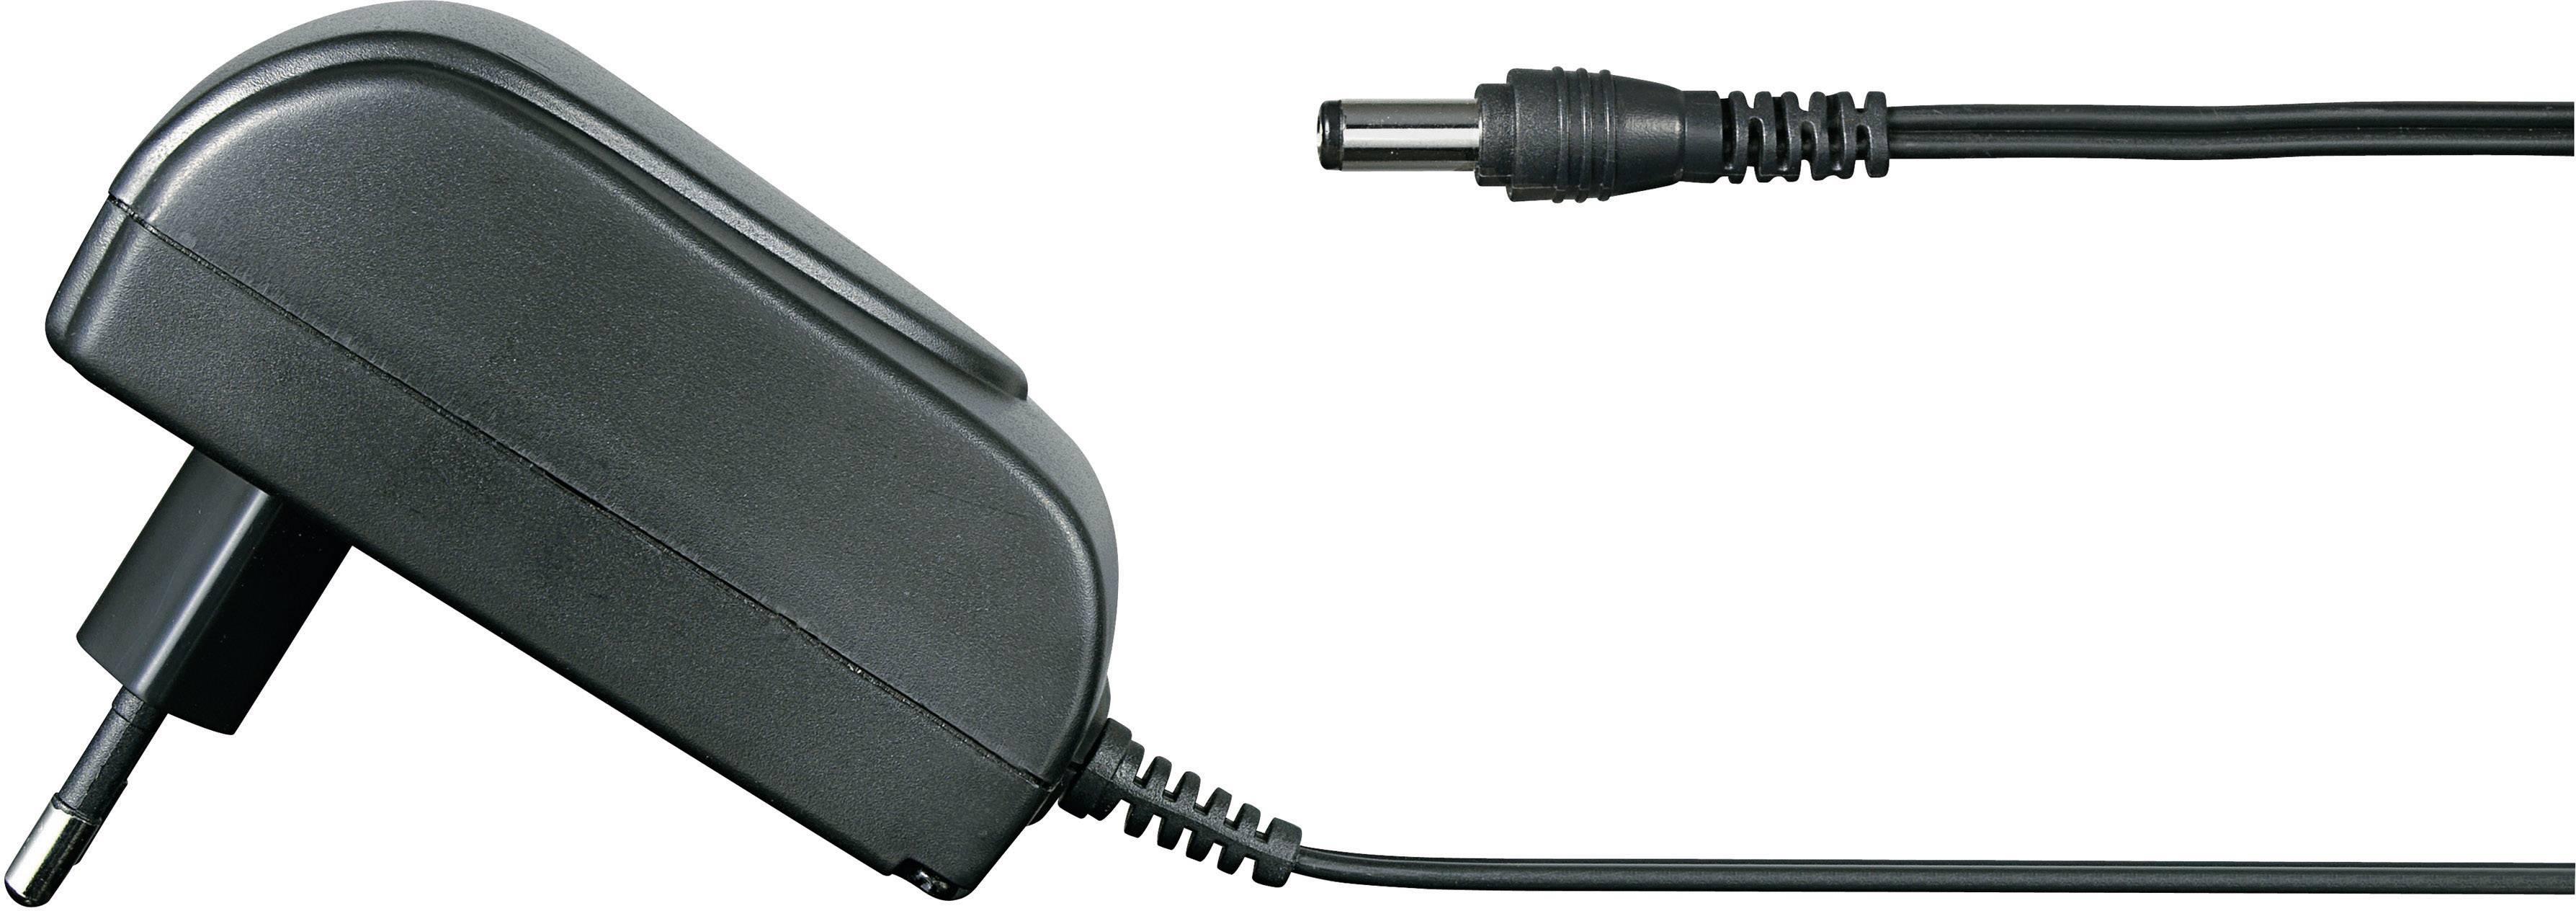 Zásuvkový adaptér so stálym napätím VOLTCRAFT FPPS 24-18W, 18 W, 750 mA